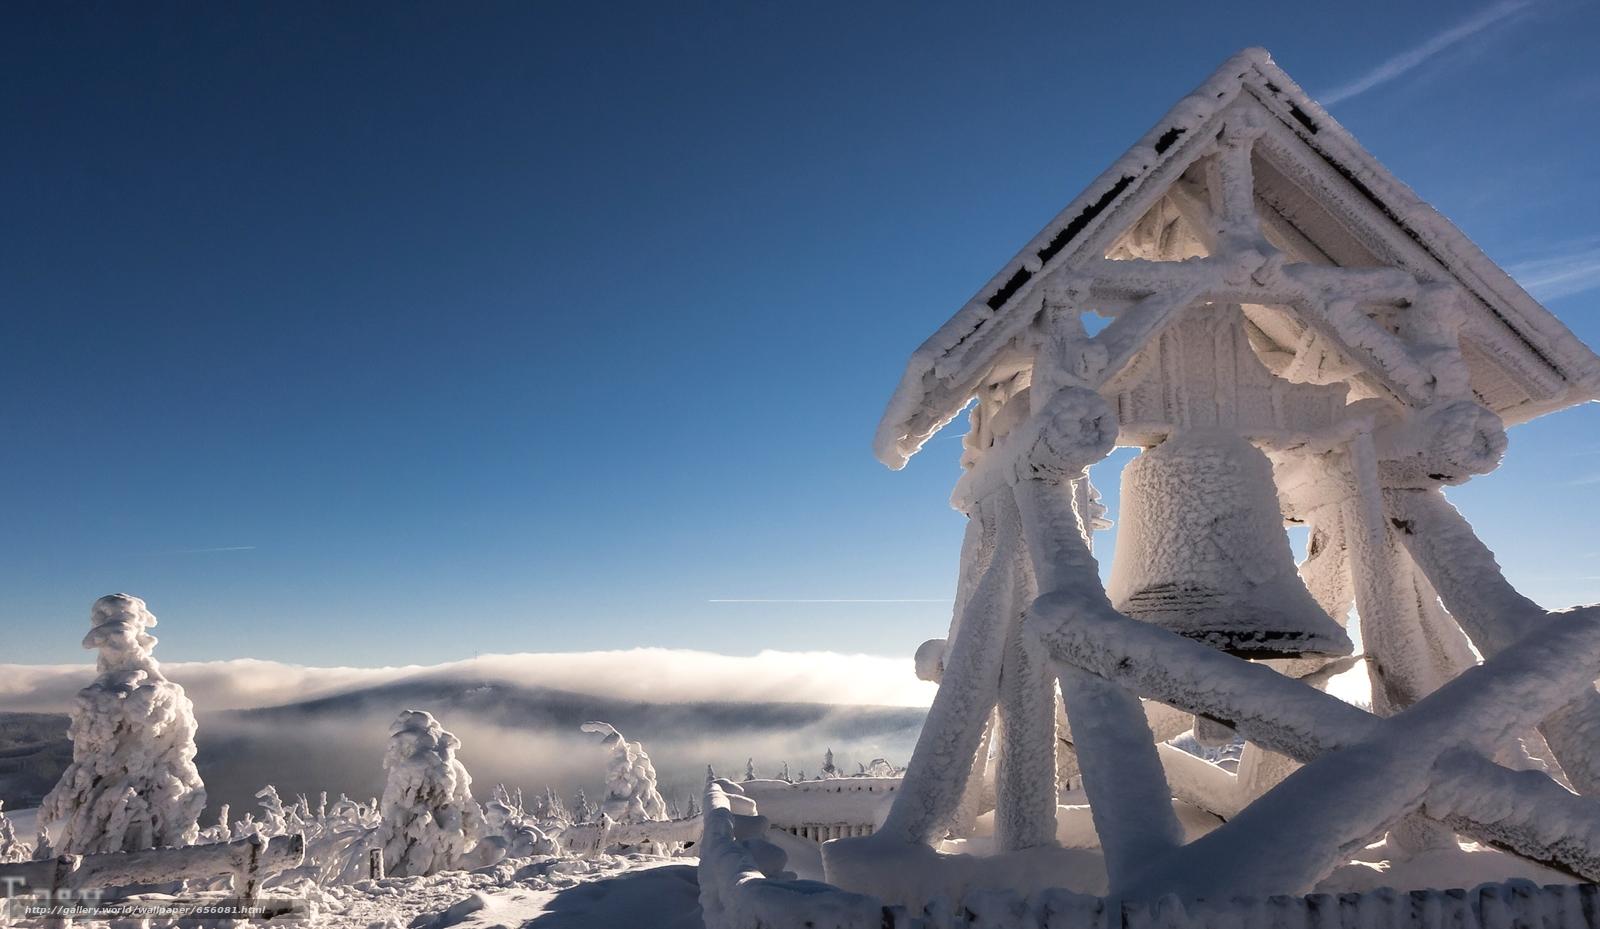 Tlcharger Fond d'ecran Fichtelberg Montagne,  monts Métallifères,  Saxe,  Allemagne Fonds d'ecran gratuits pour votre rsolution du bureau 3845x2232 — image №656081